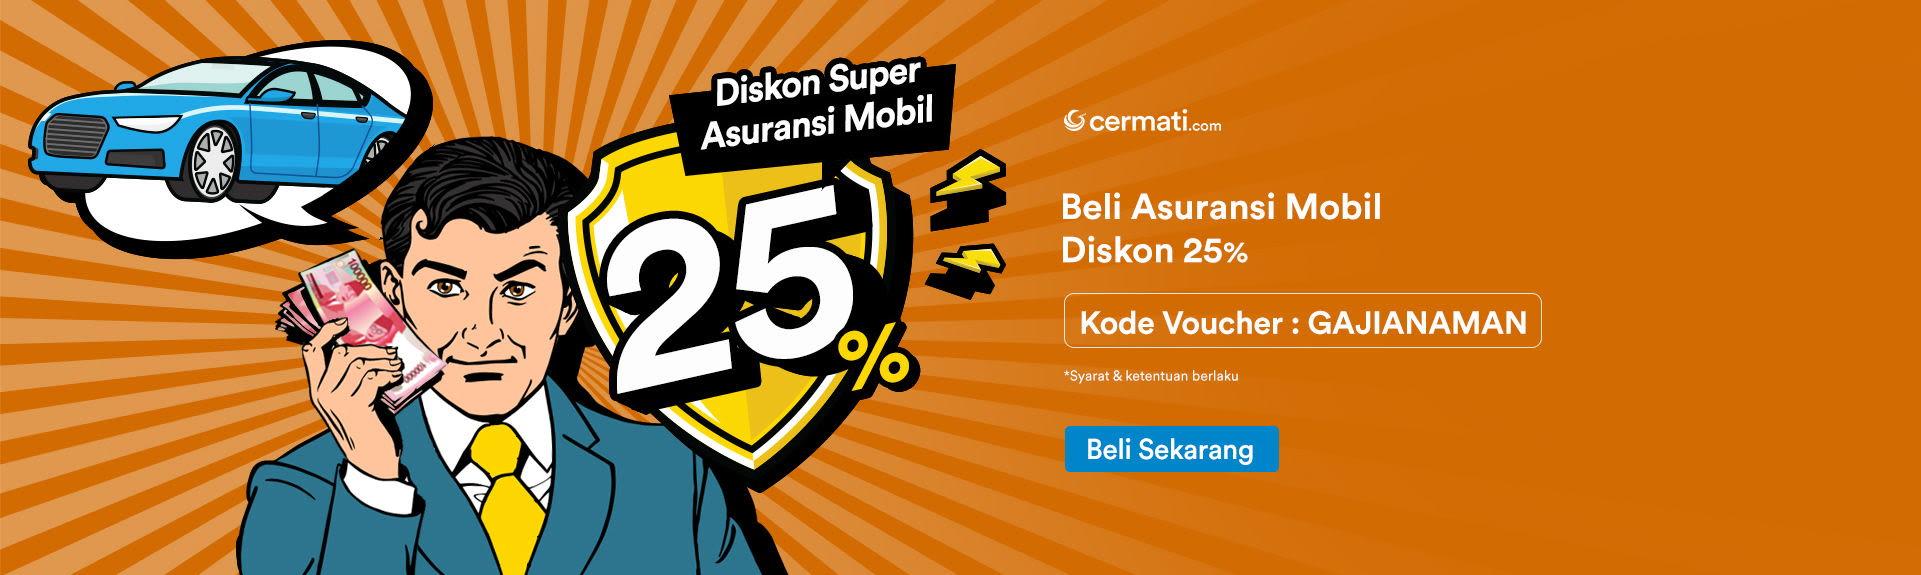 Asuransi Mobil Diskon 25%